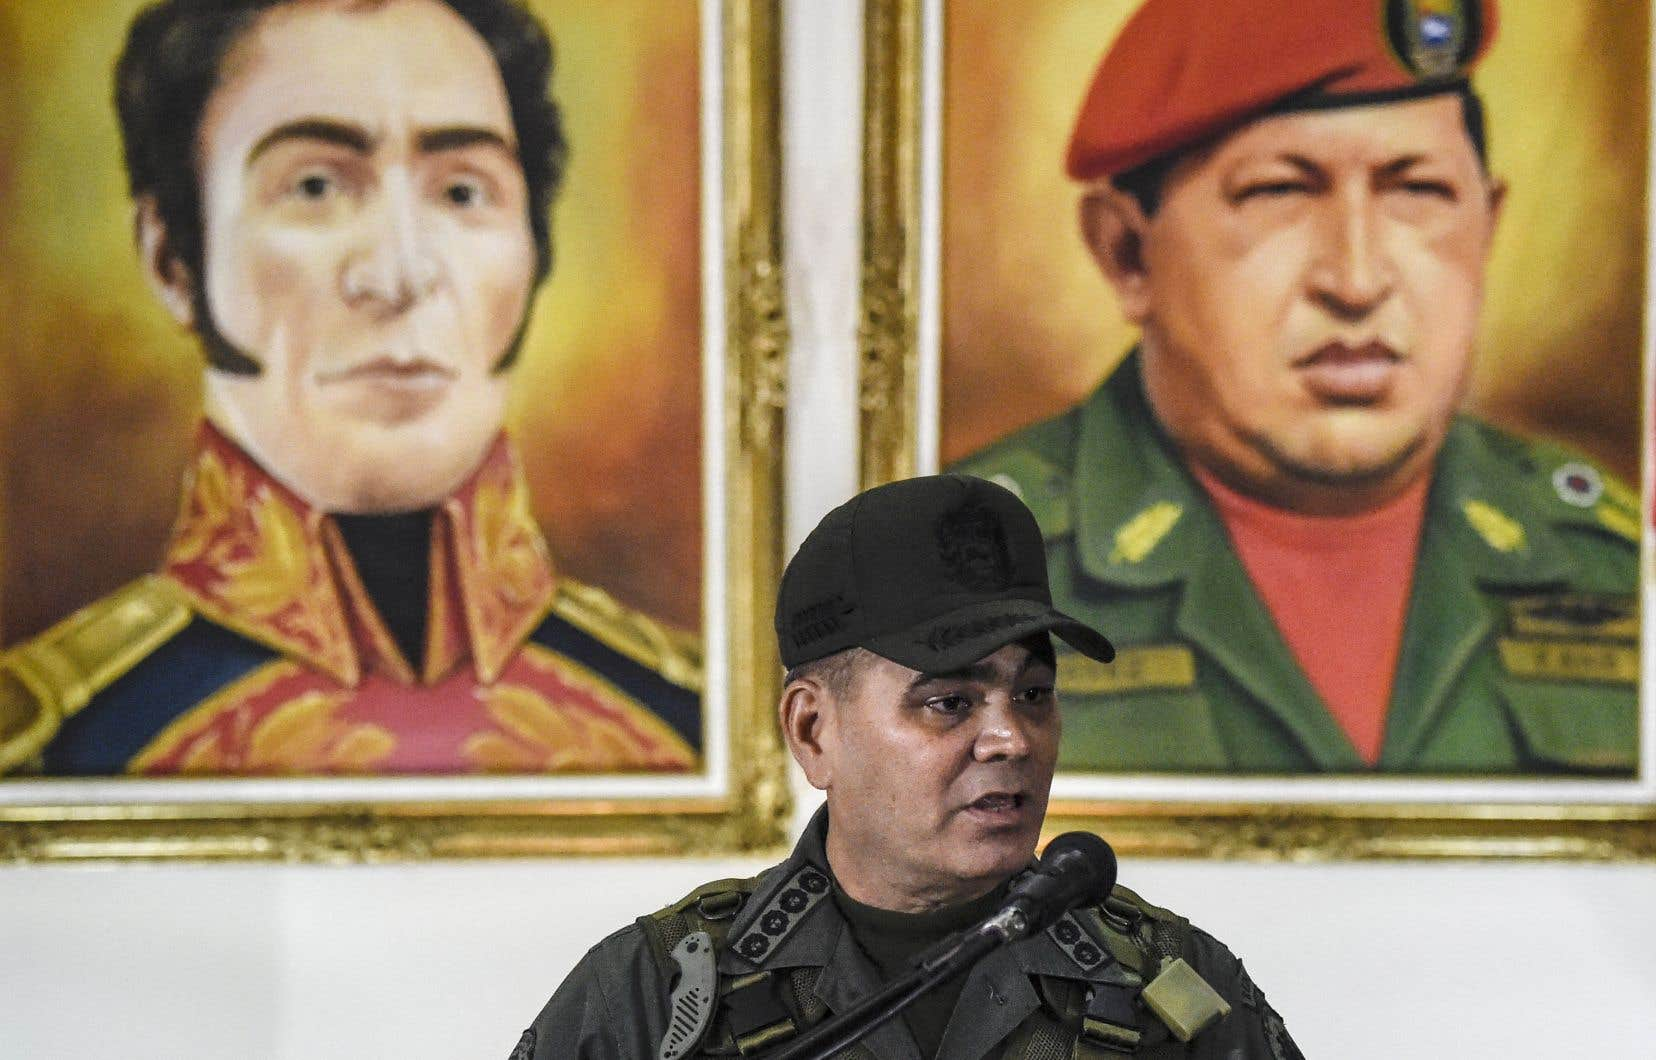 Le ministre vénézuelien de la défense, Padrino Lopez, s'est adressé à la presse au lendemain de l'attentat présumé visant le président Nicolas Maduro et au cours duquel sept soldats ont été blessés.